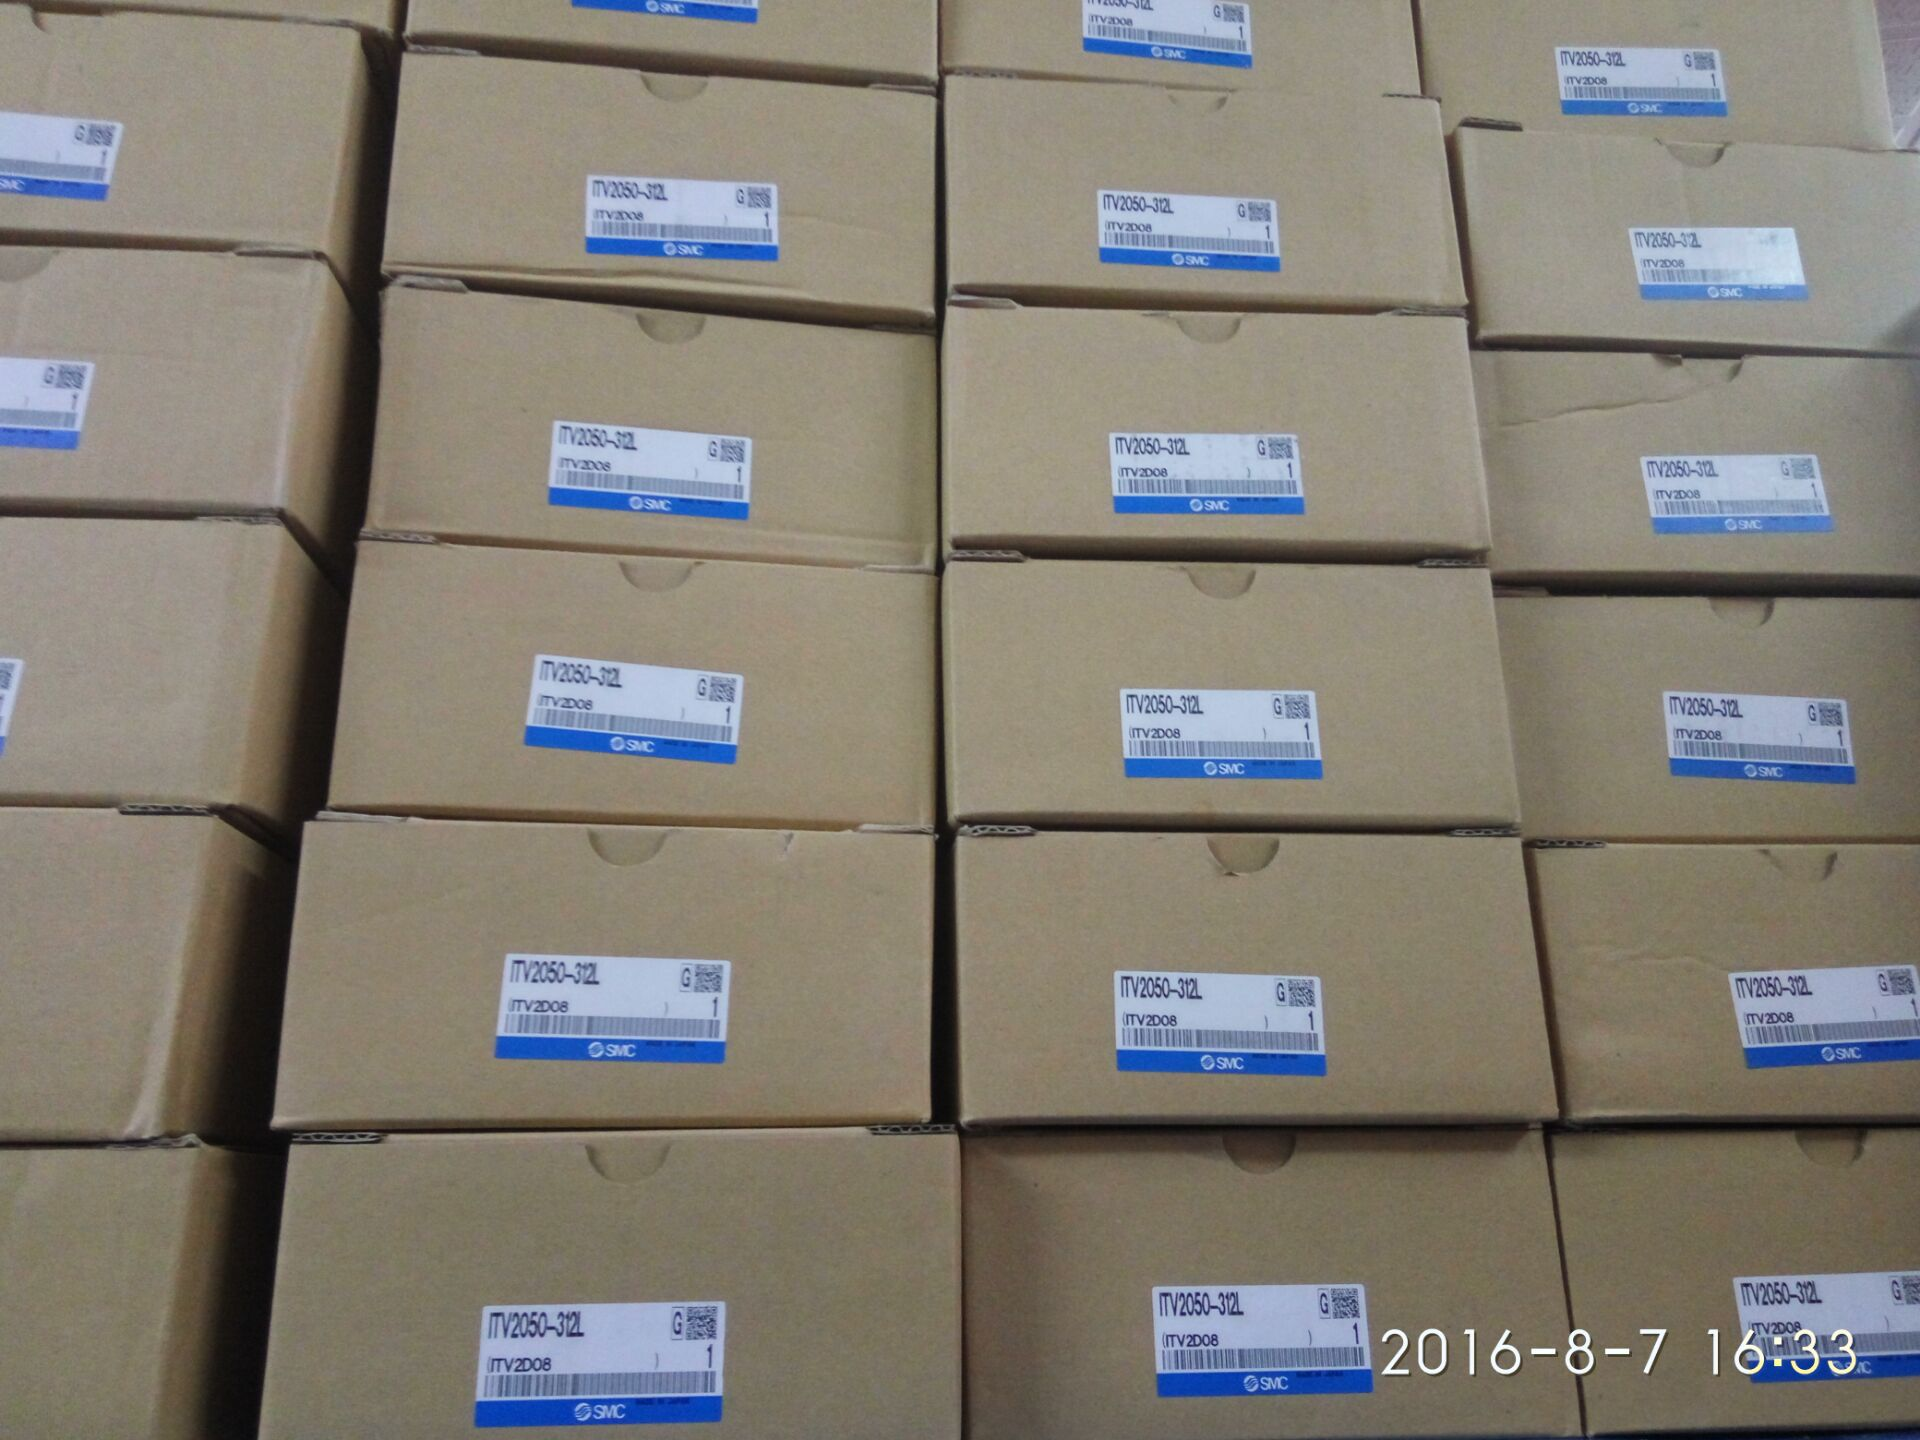 Качественная оригинальная продукция SMC доля клапан ITV1050-311L-312L--312N-322L-402L спотовые продажи .